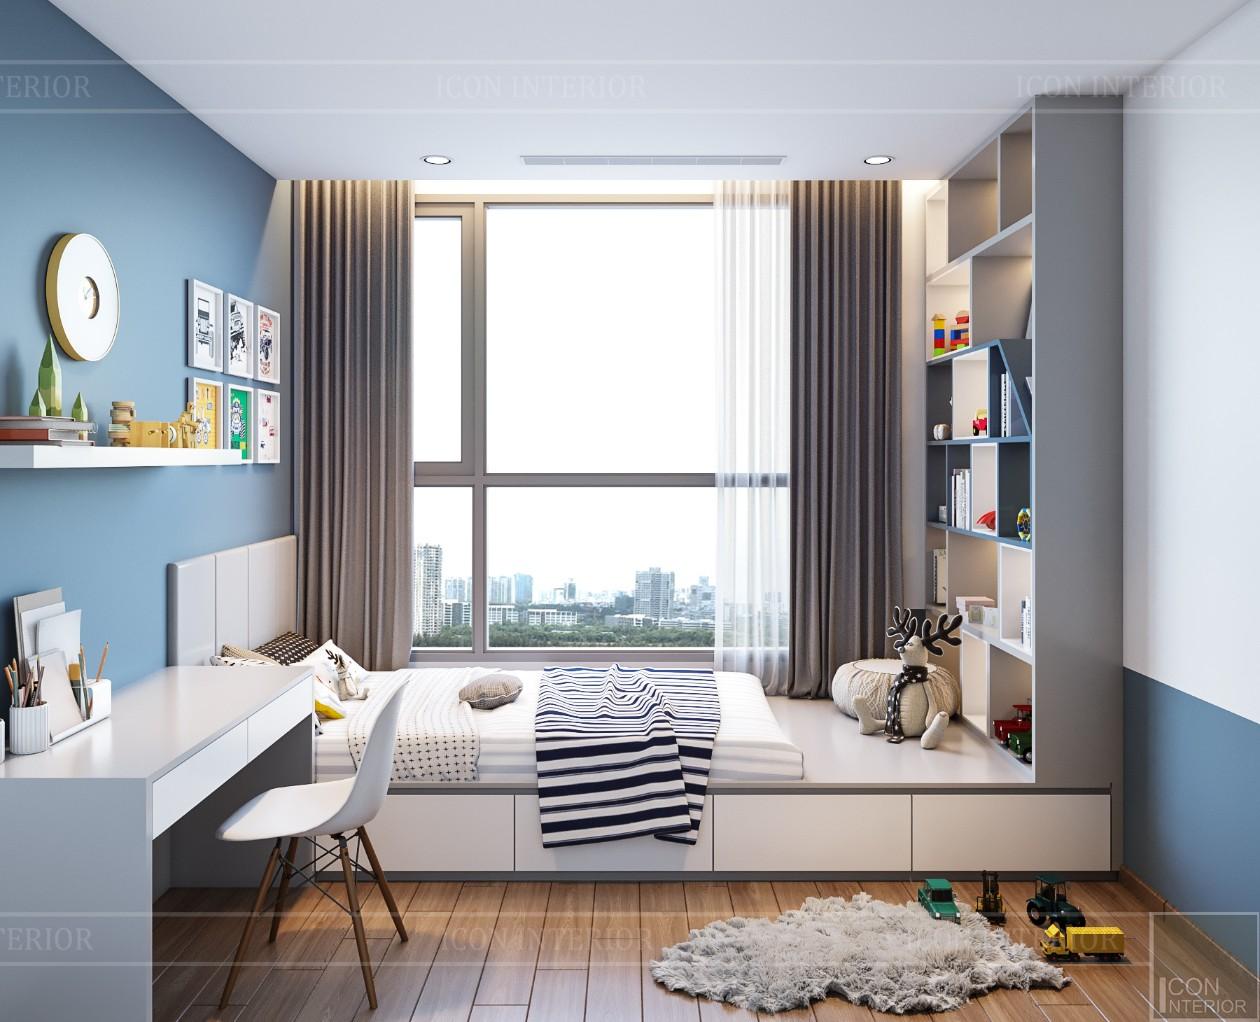 thiết kế nội thất đẹp hiện đại - phòng ngủ bé trai 1